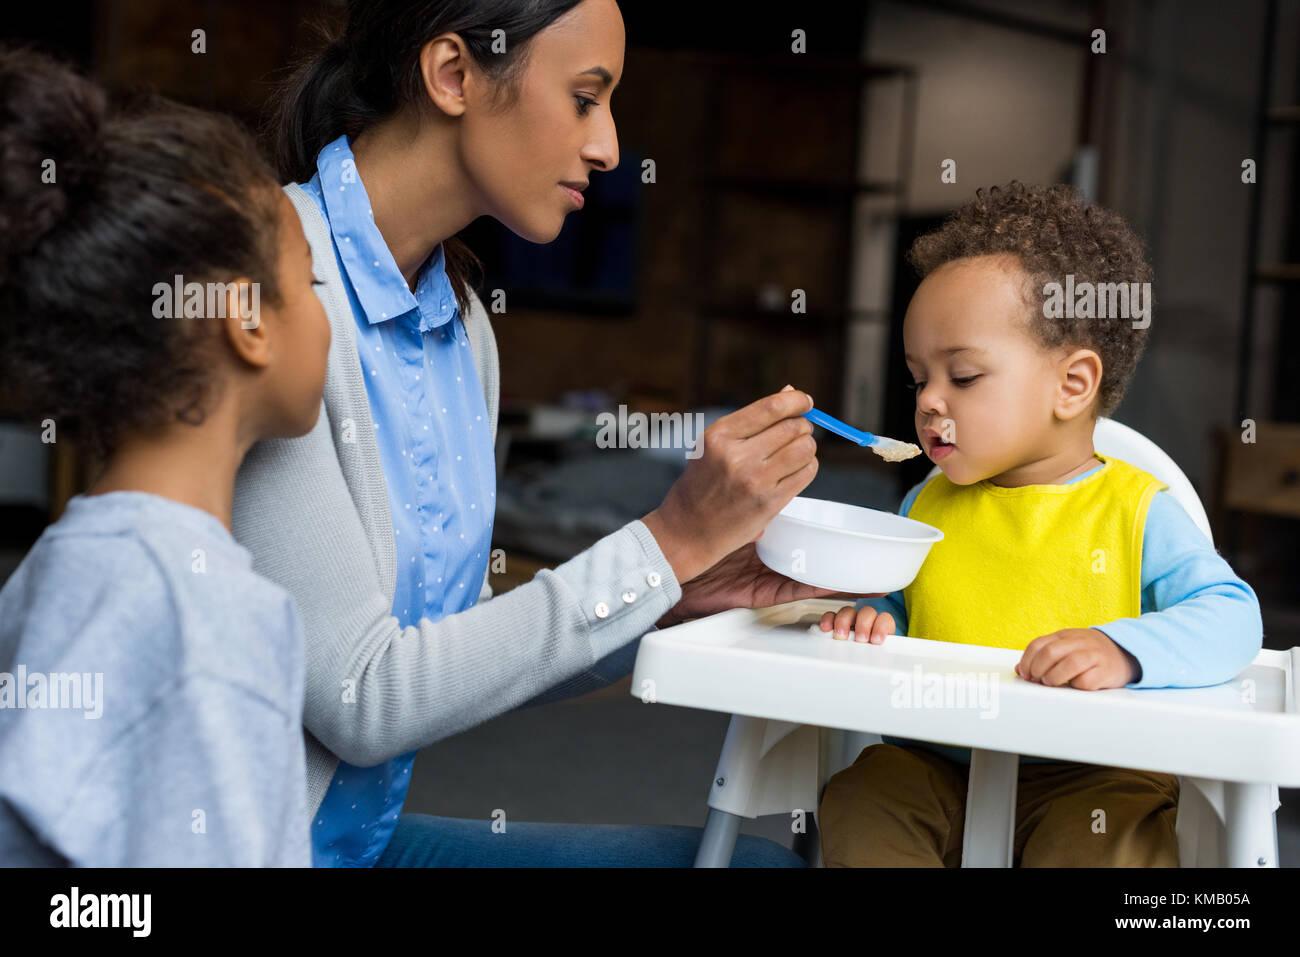 Mère et fille nourrir bébé Photo Stock